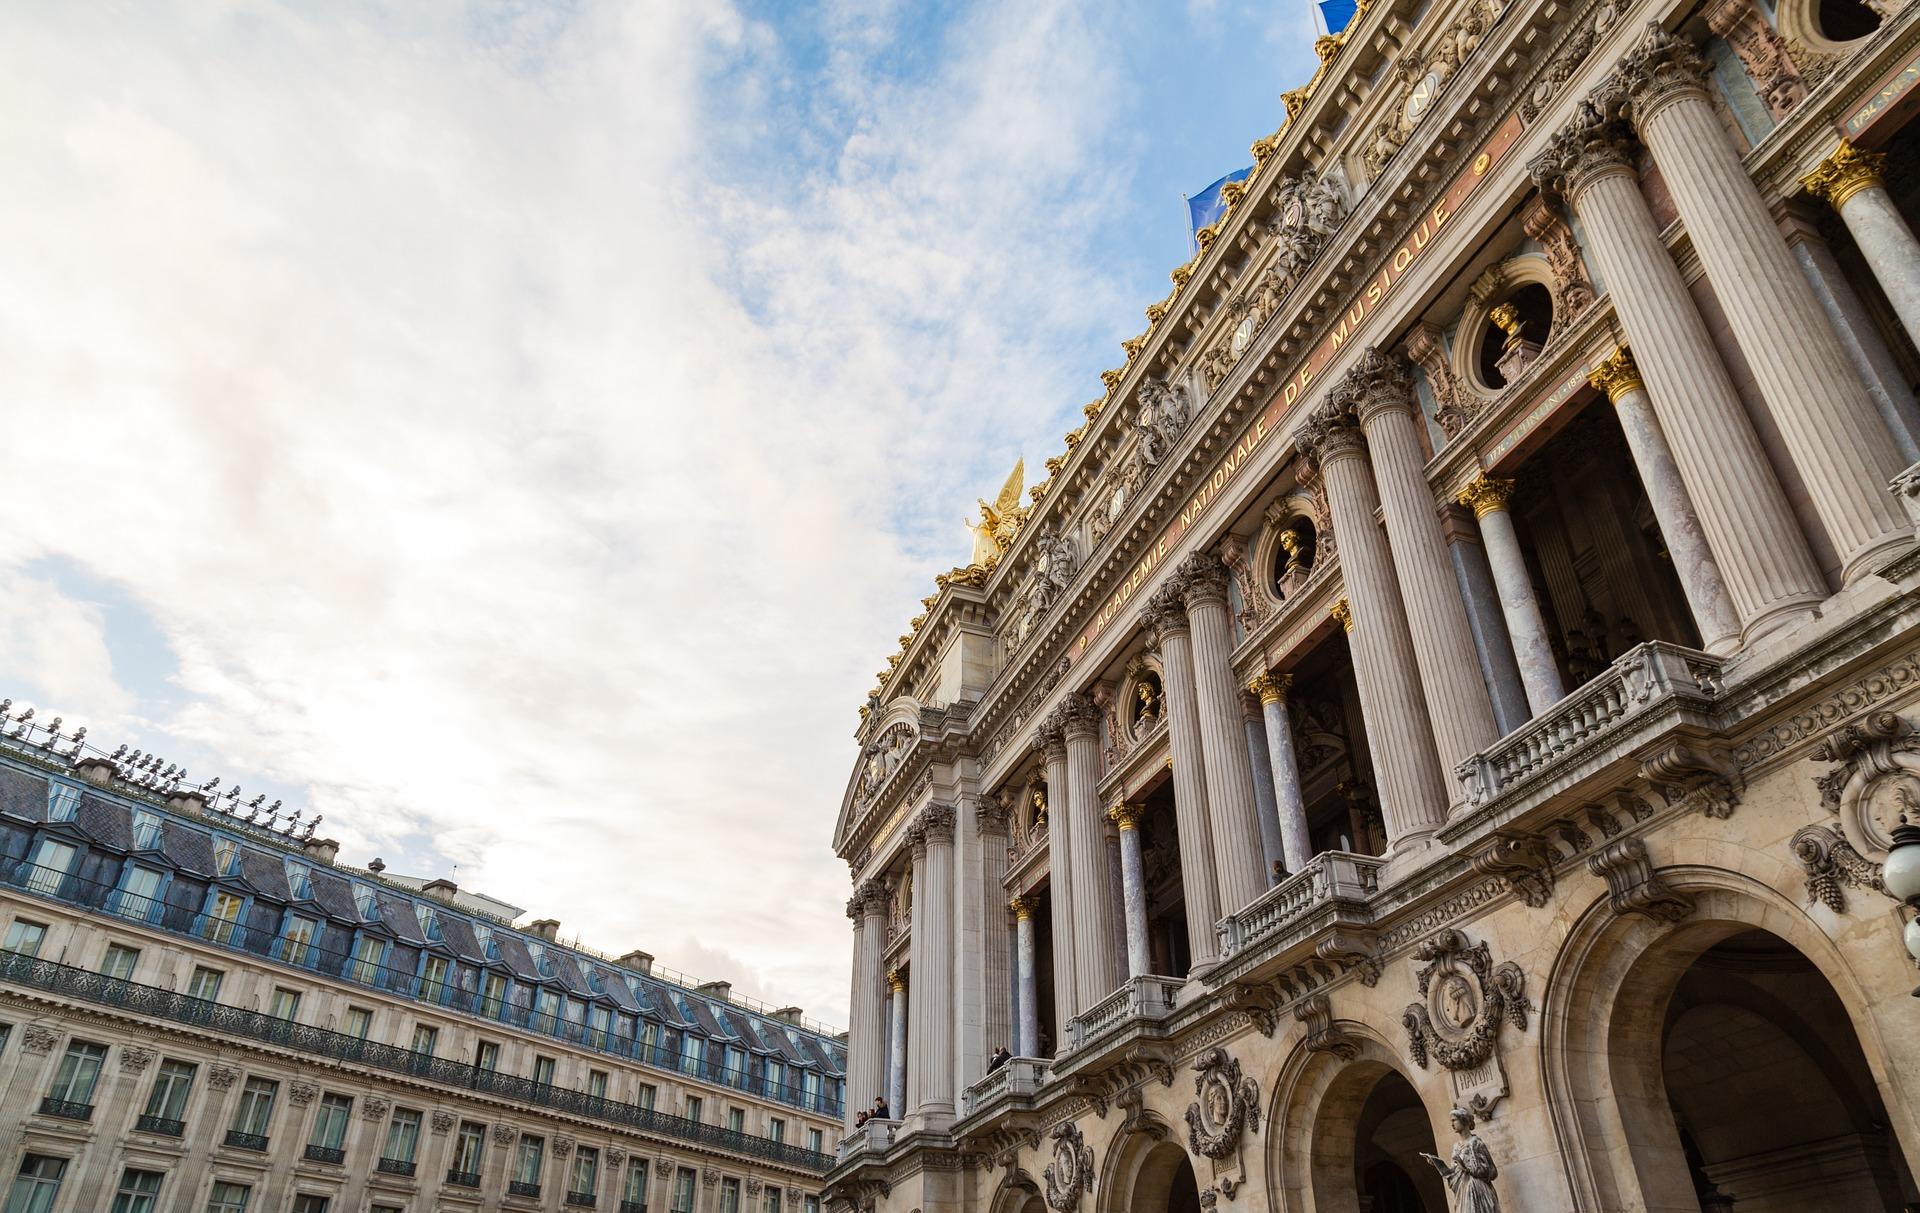 Palais Garnier in Paris